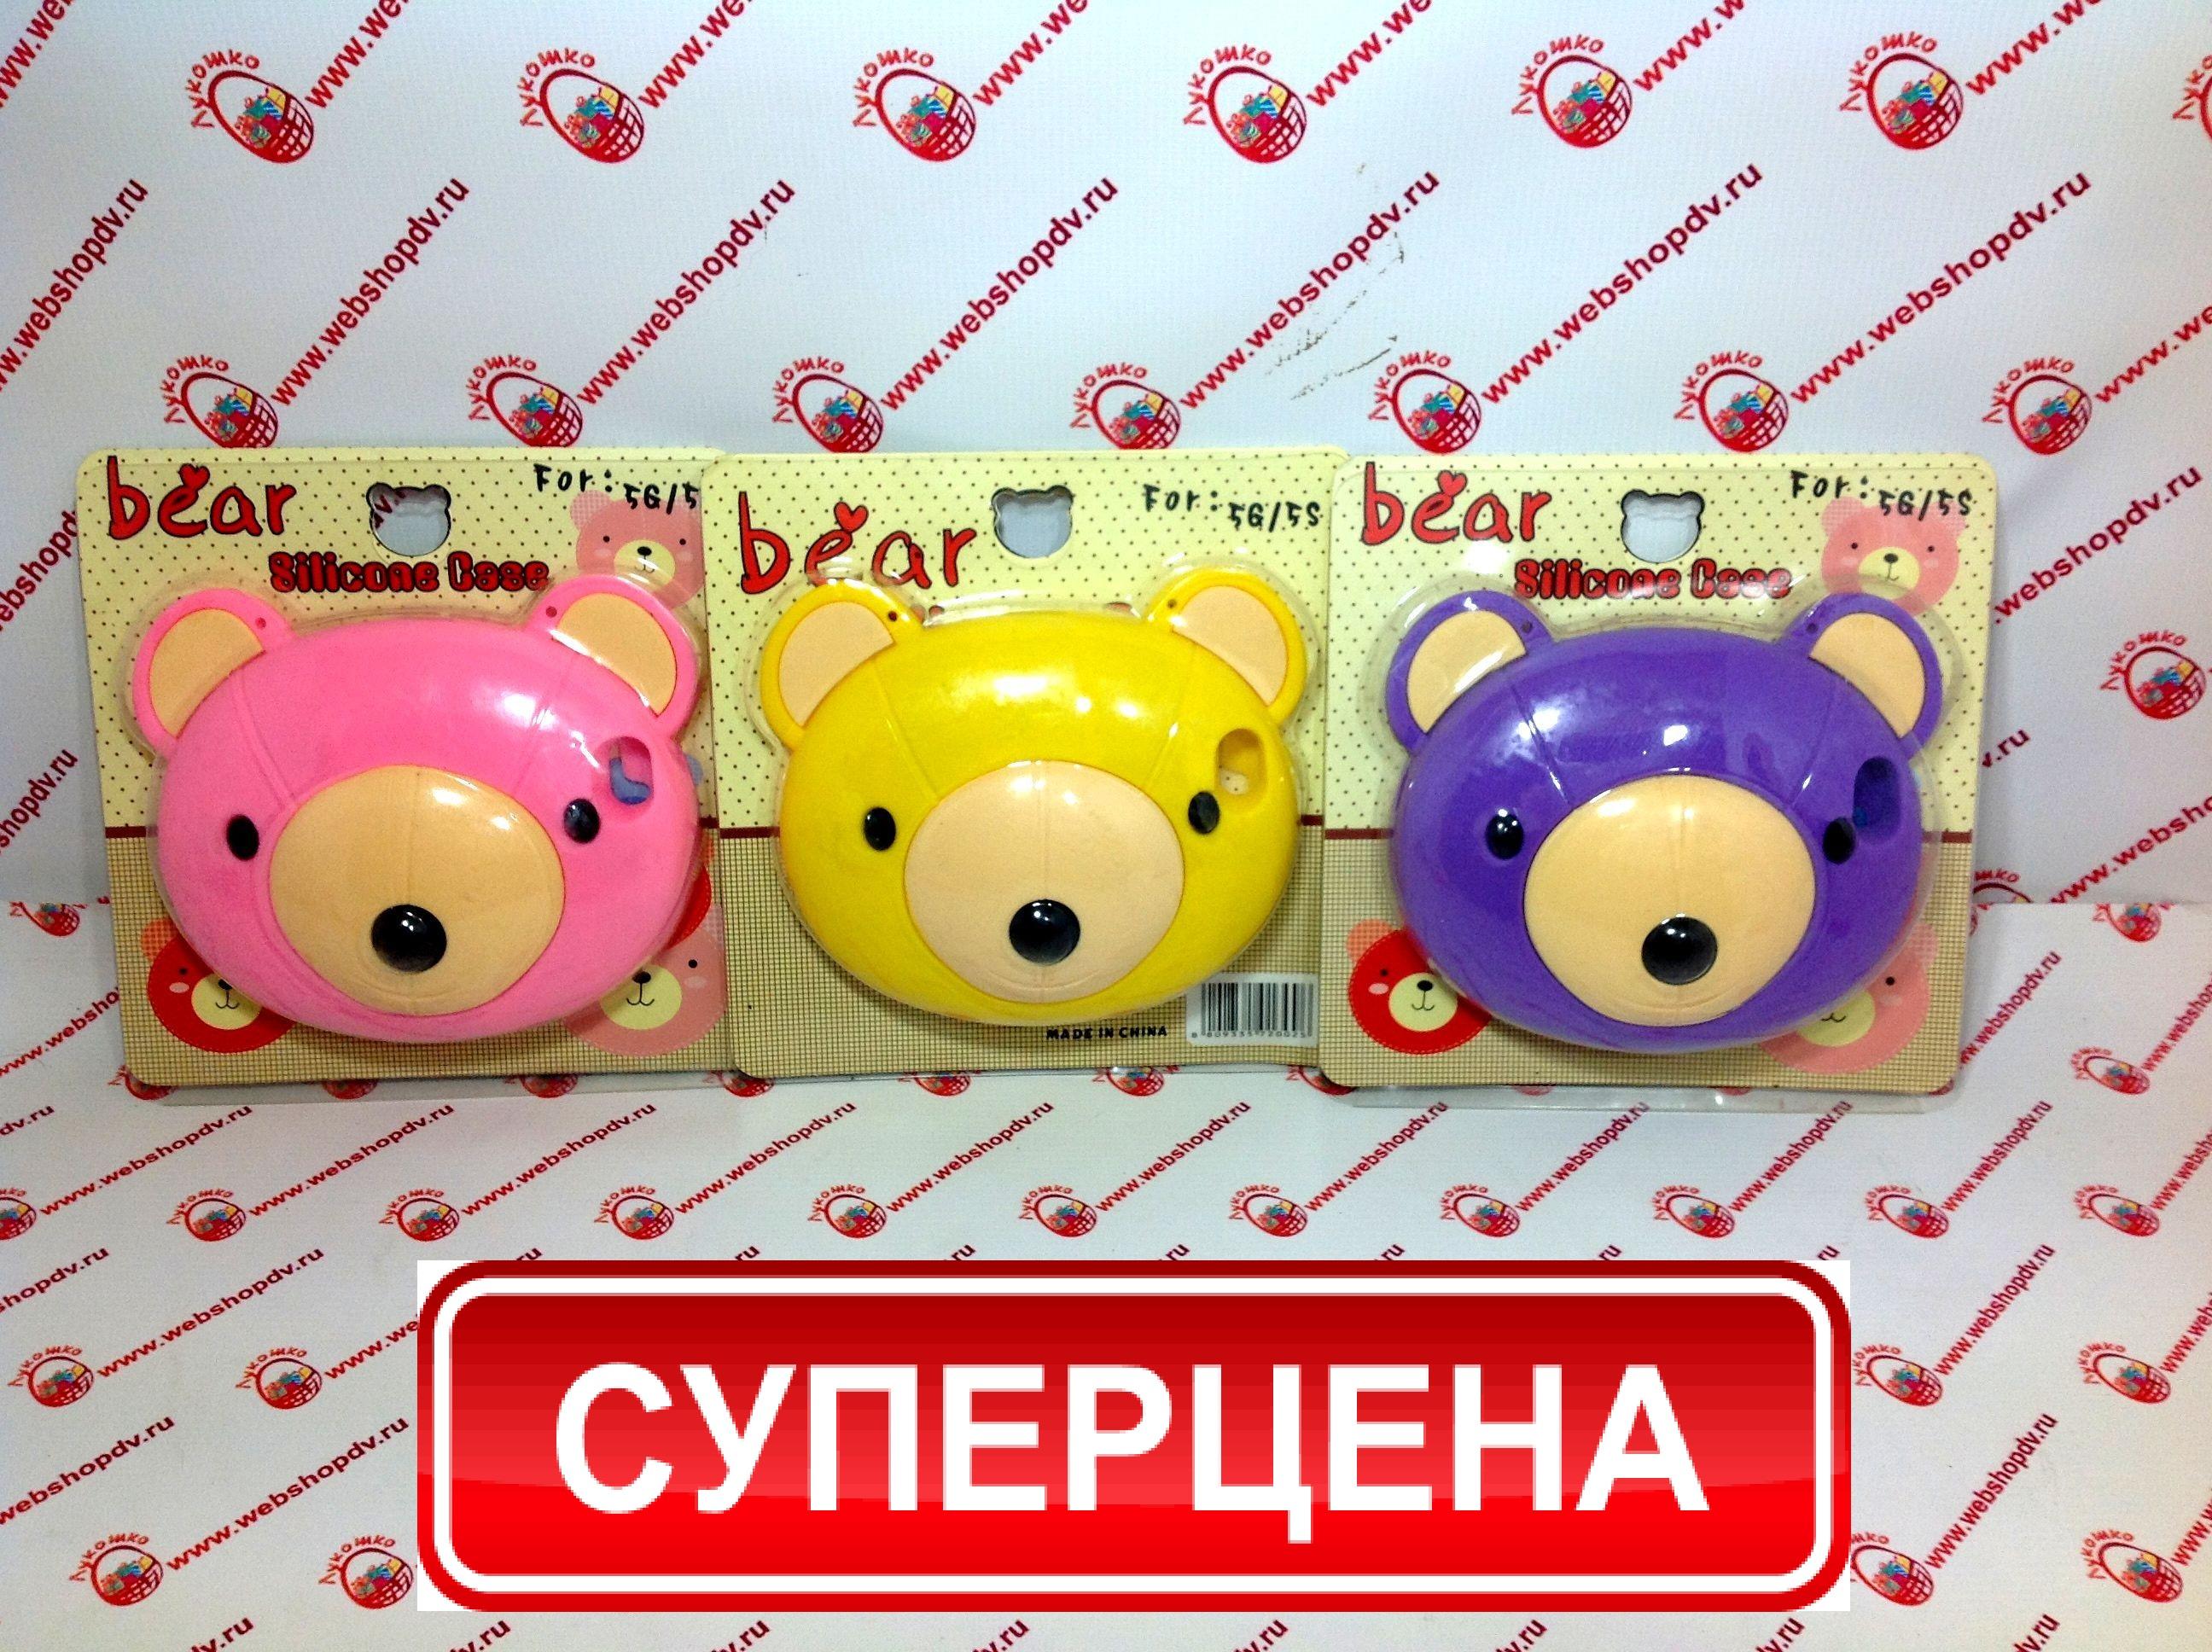 Чехол-сумочка Bear для iPhone 5/5s (цвета в ассортименте)